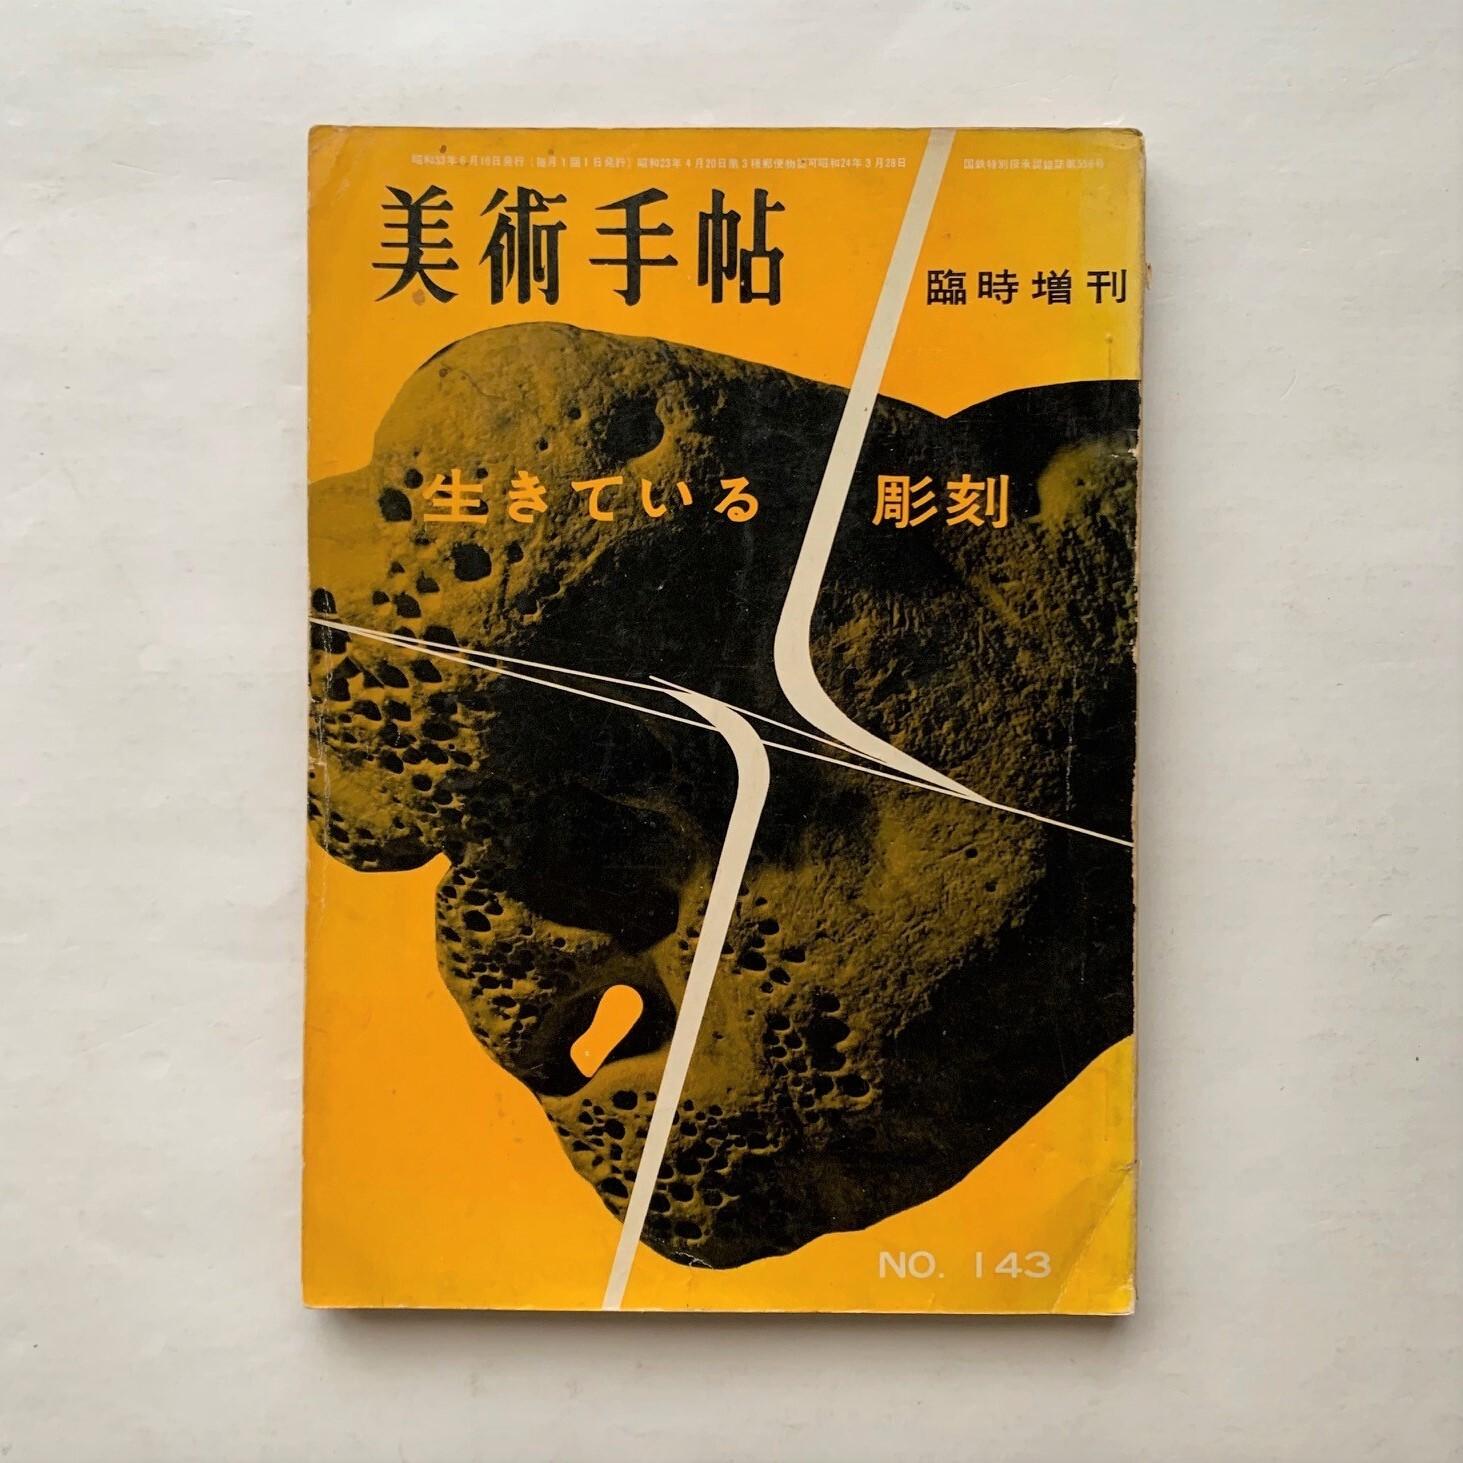 生きている彫刻 / 美術手帖 No.143